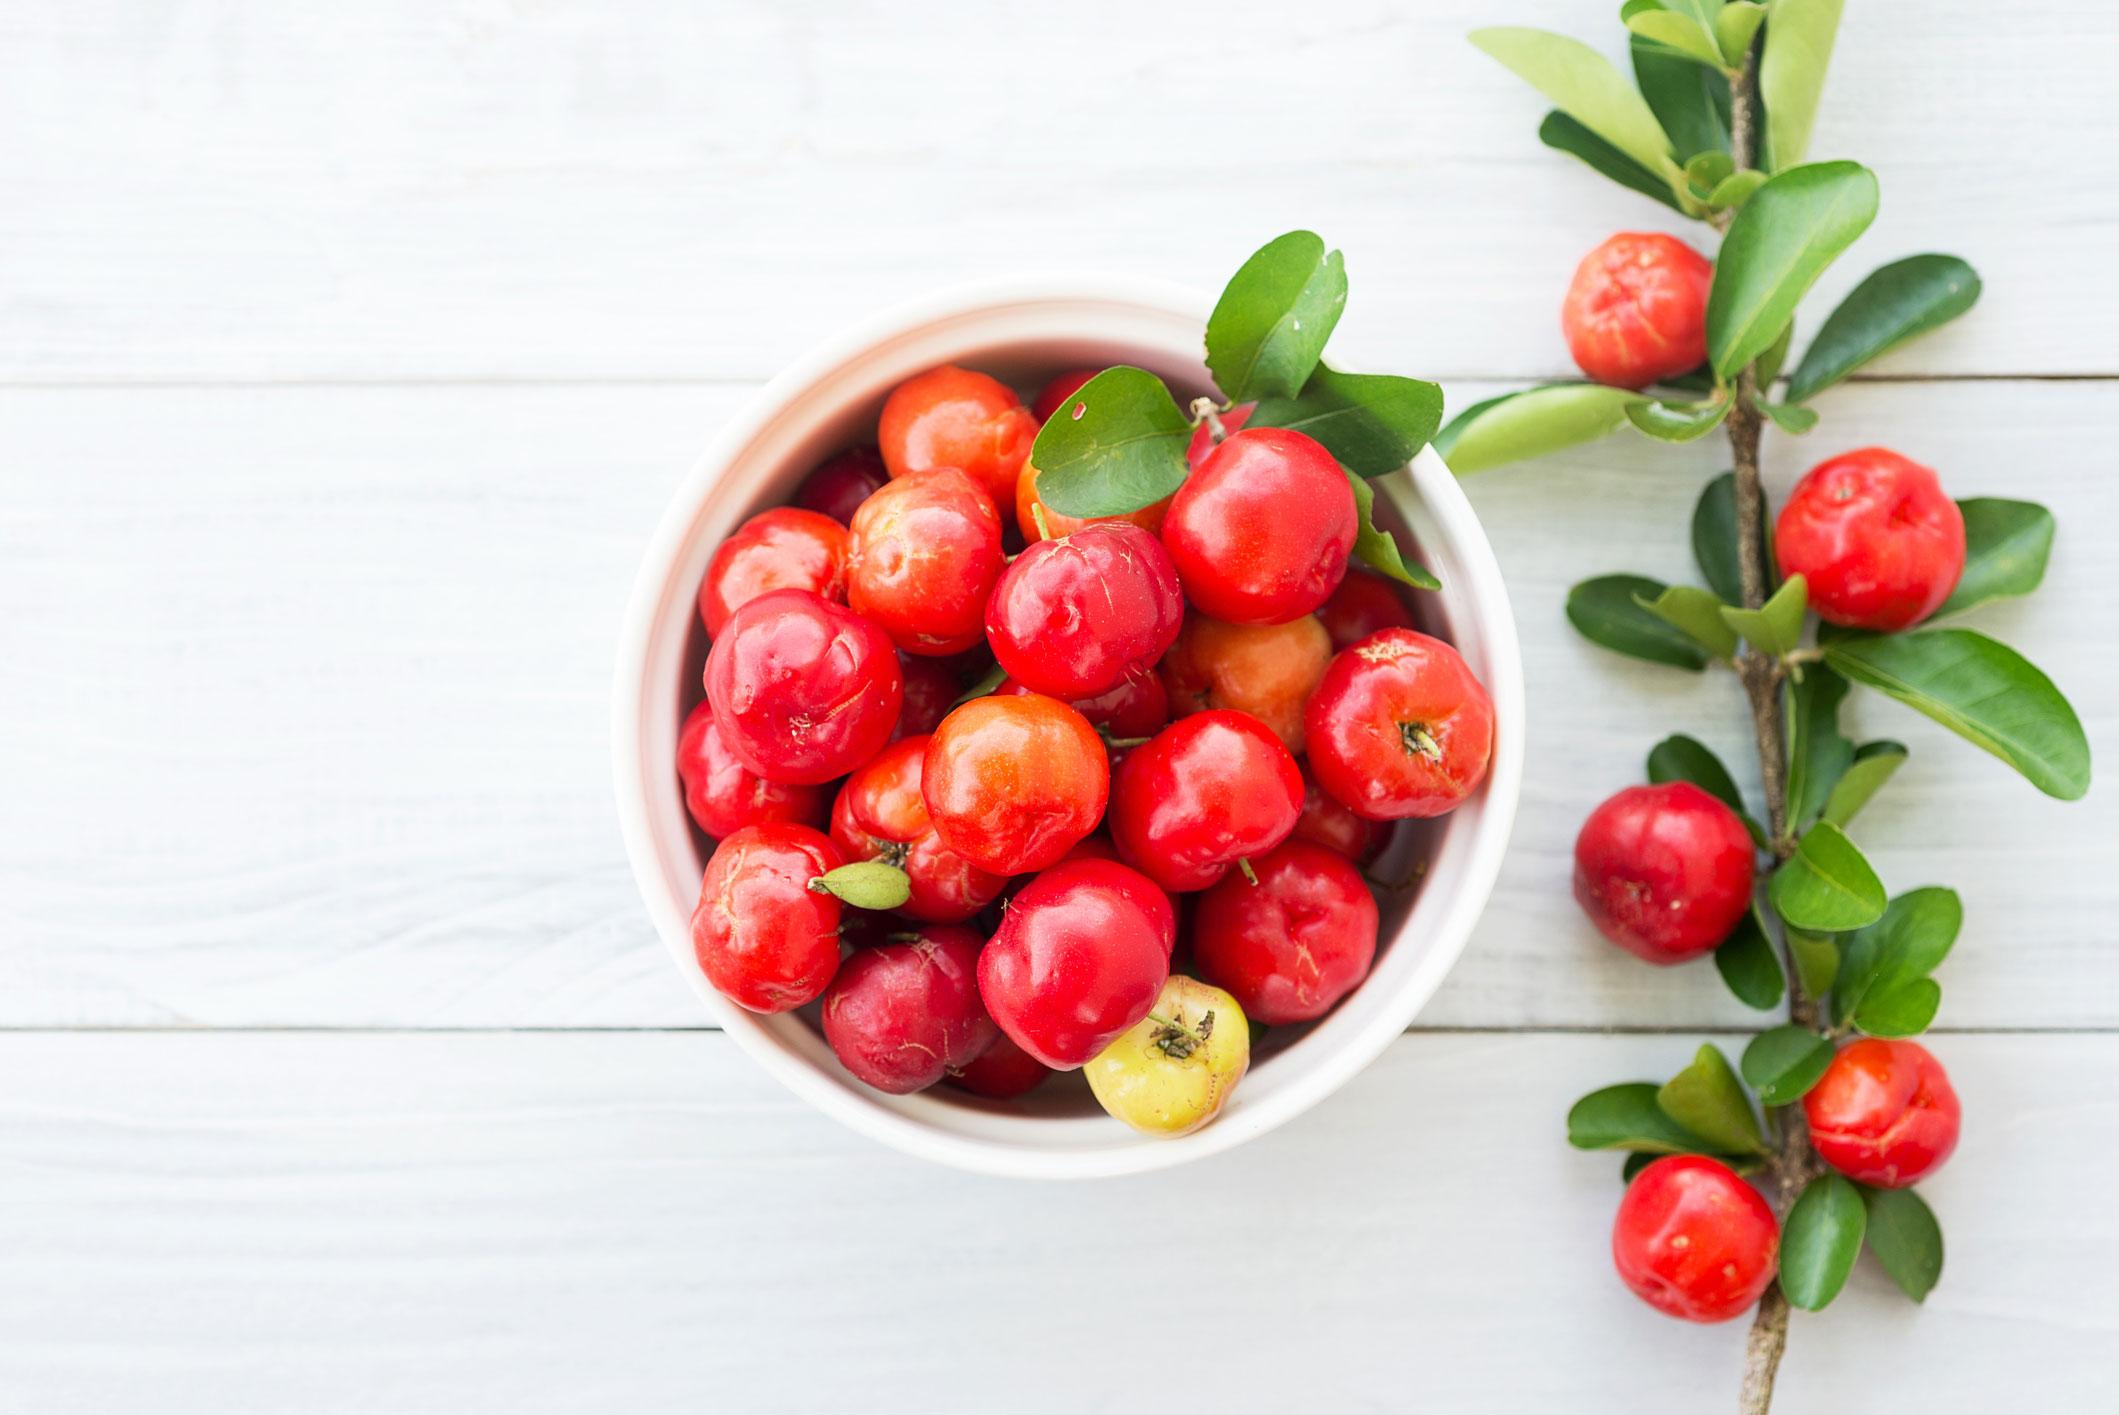 Полезные свойства вишни ацеролы барбадосской - трендовый фрукт с витамином с